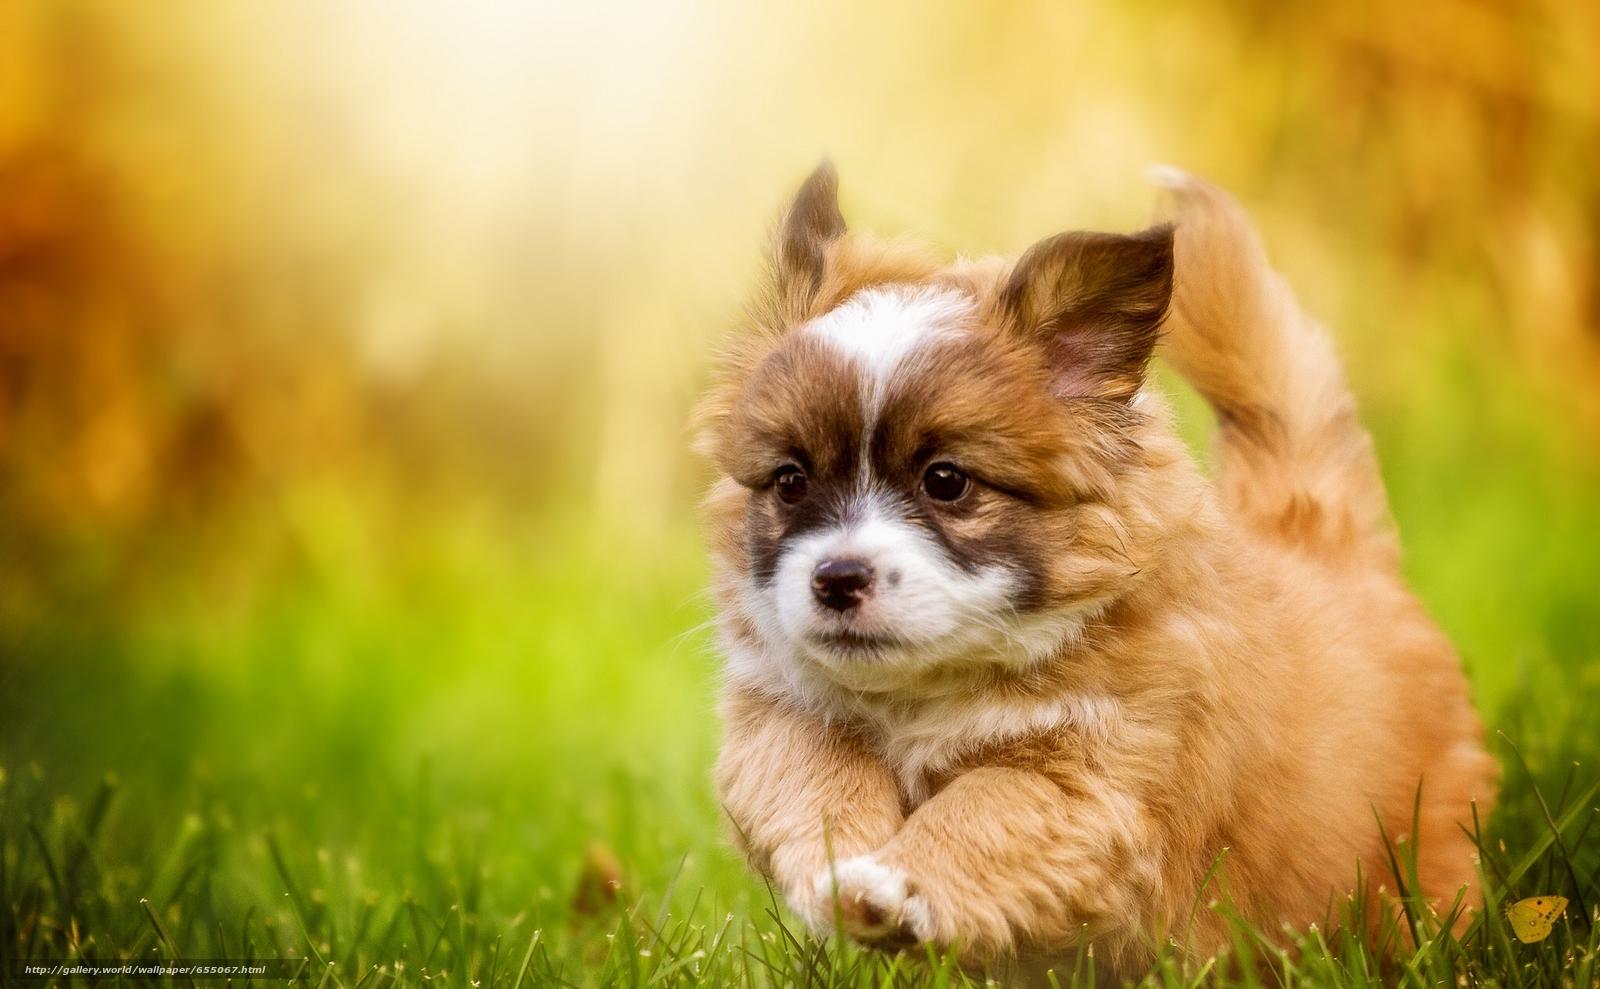 Скачать обои собака,  щенок,  прогулка бесплатно для рабочего стола в разрешении 2048x1266 — картинка №655067